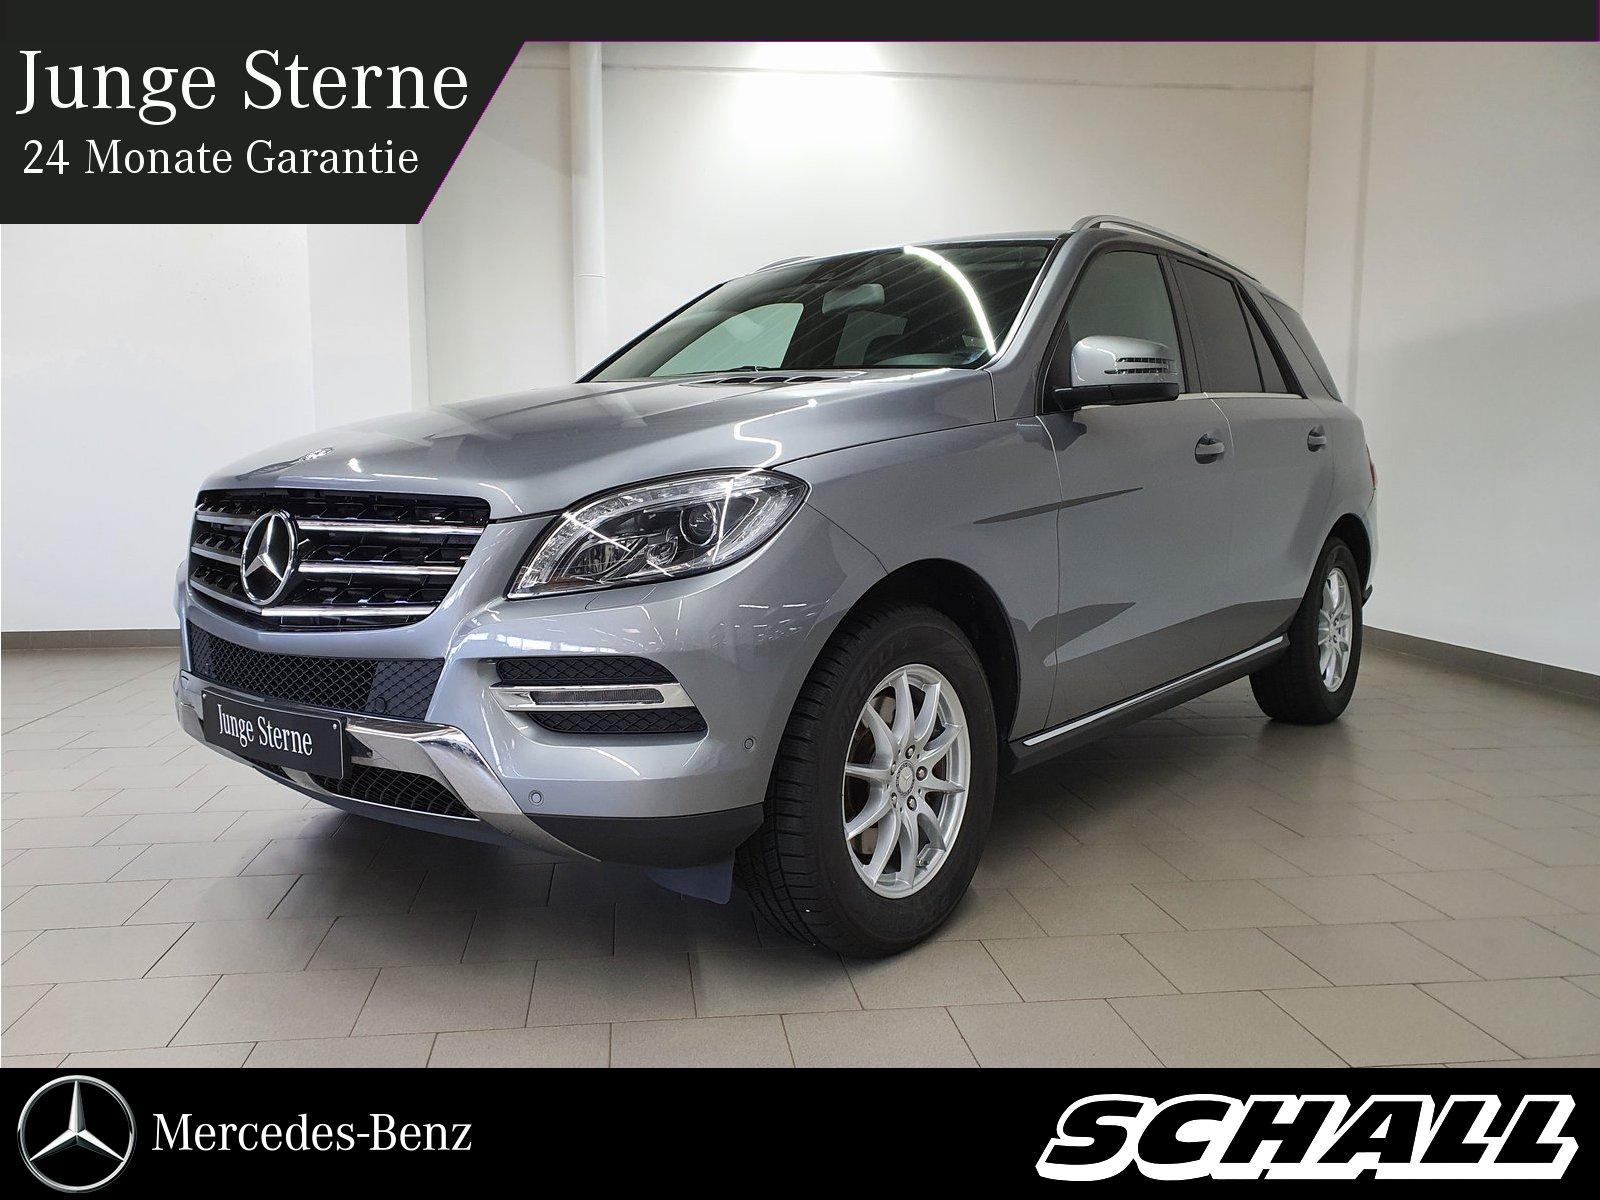 Mercedes-Benz ML 350 BT 4M AHK/AIRMATIC/GSHD/INTELLIGENT LIGHT, Jahr 2014, Diesel